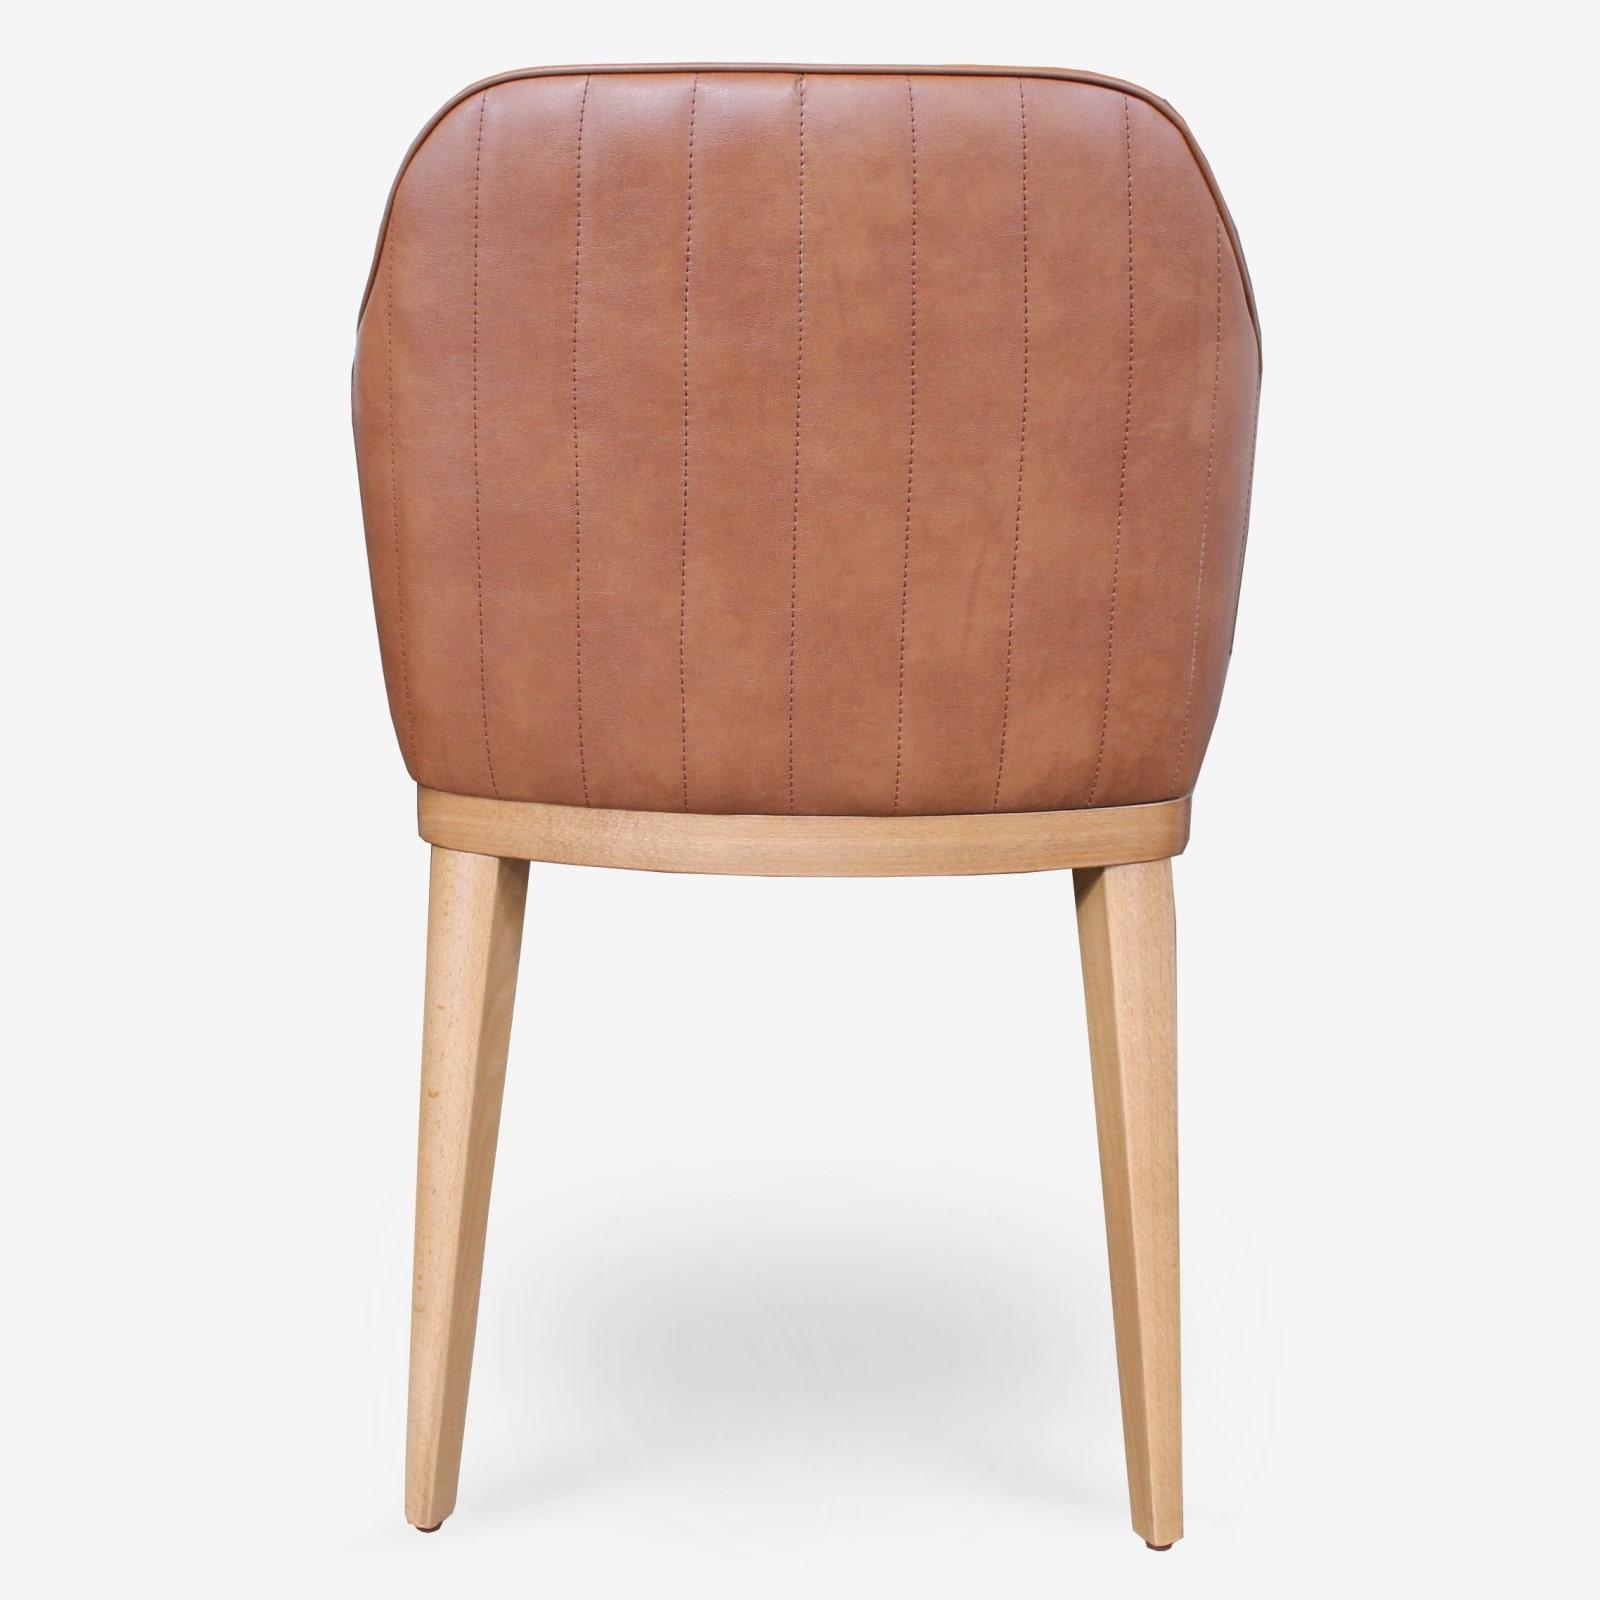 Sedie-imbottite-in-ecopelle-e-legno-stile-contemporaneo-sedie-per-ristoranti-alberghi-bar-sedie-per-contract-zoer